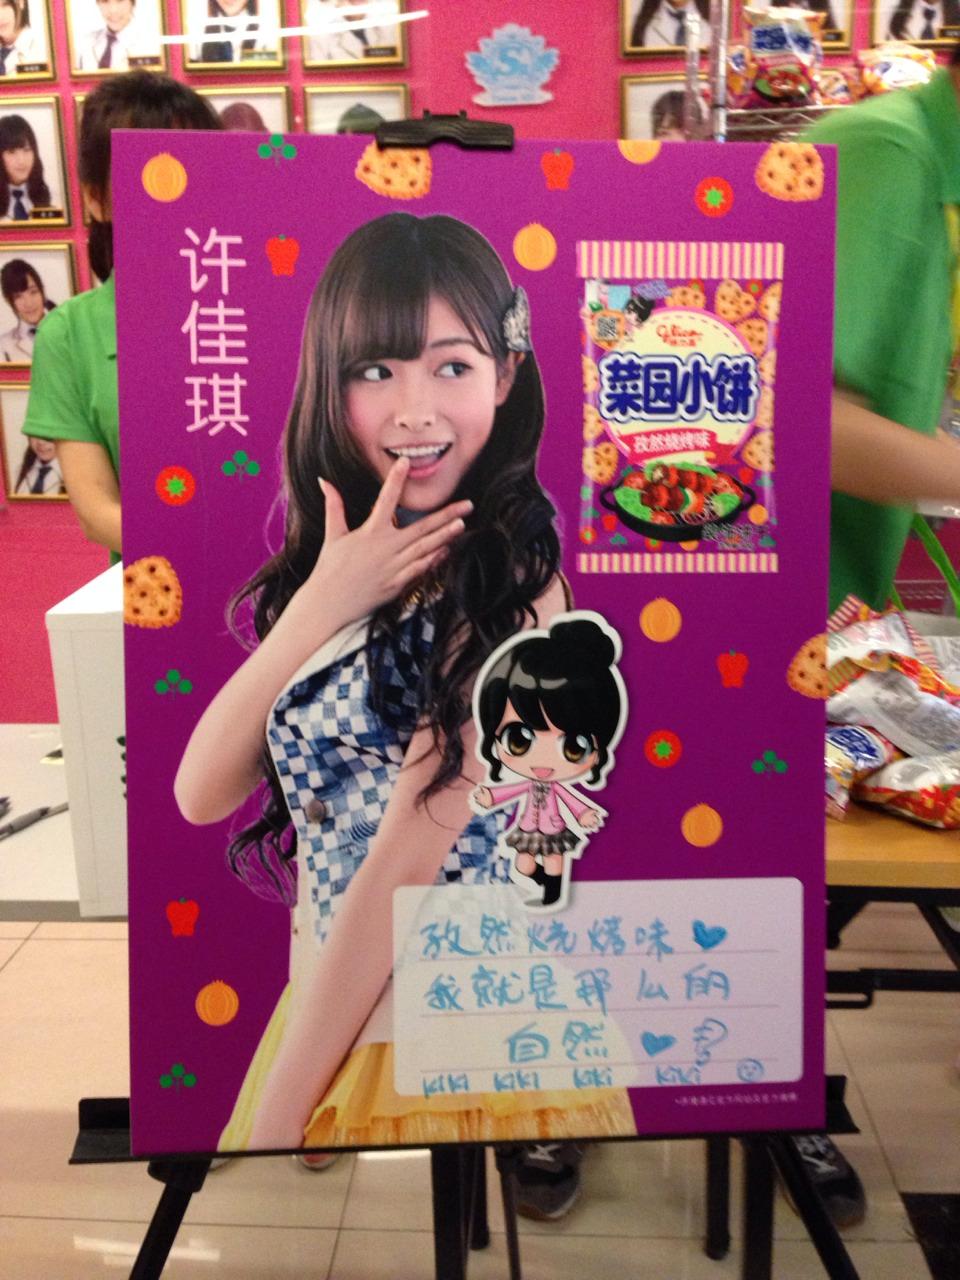 6月7日の『SNH48×菜園小餅』グリコイベントレポート許佳琪(KIKI)、邱欣怡(湾湾)